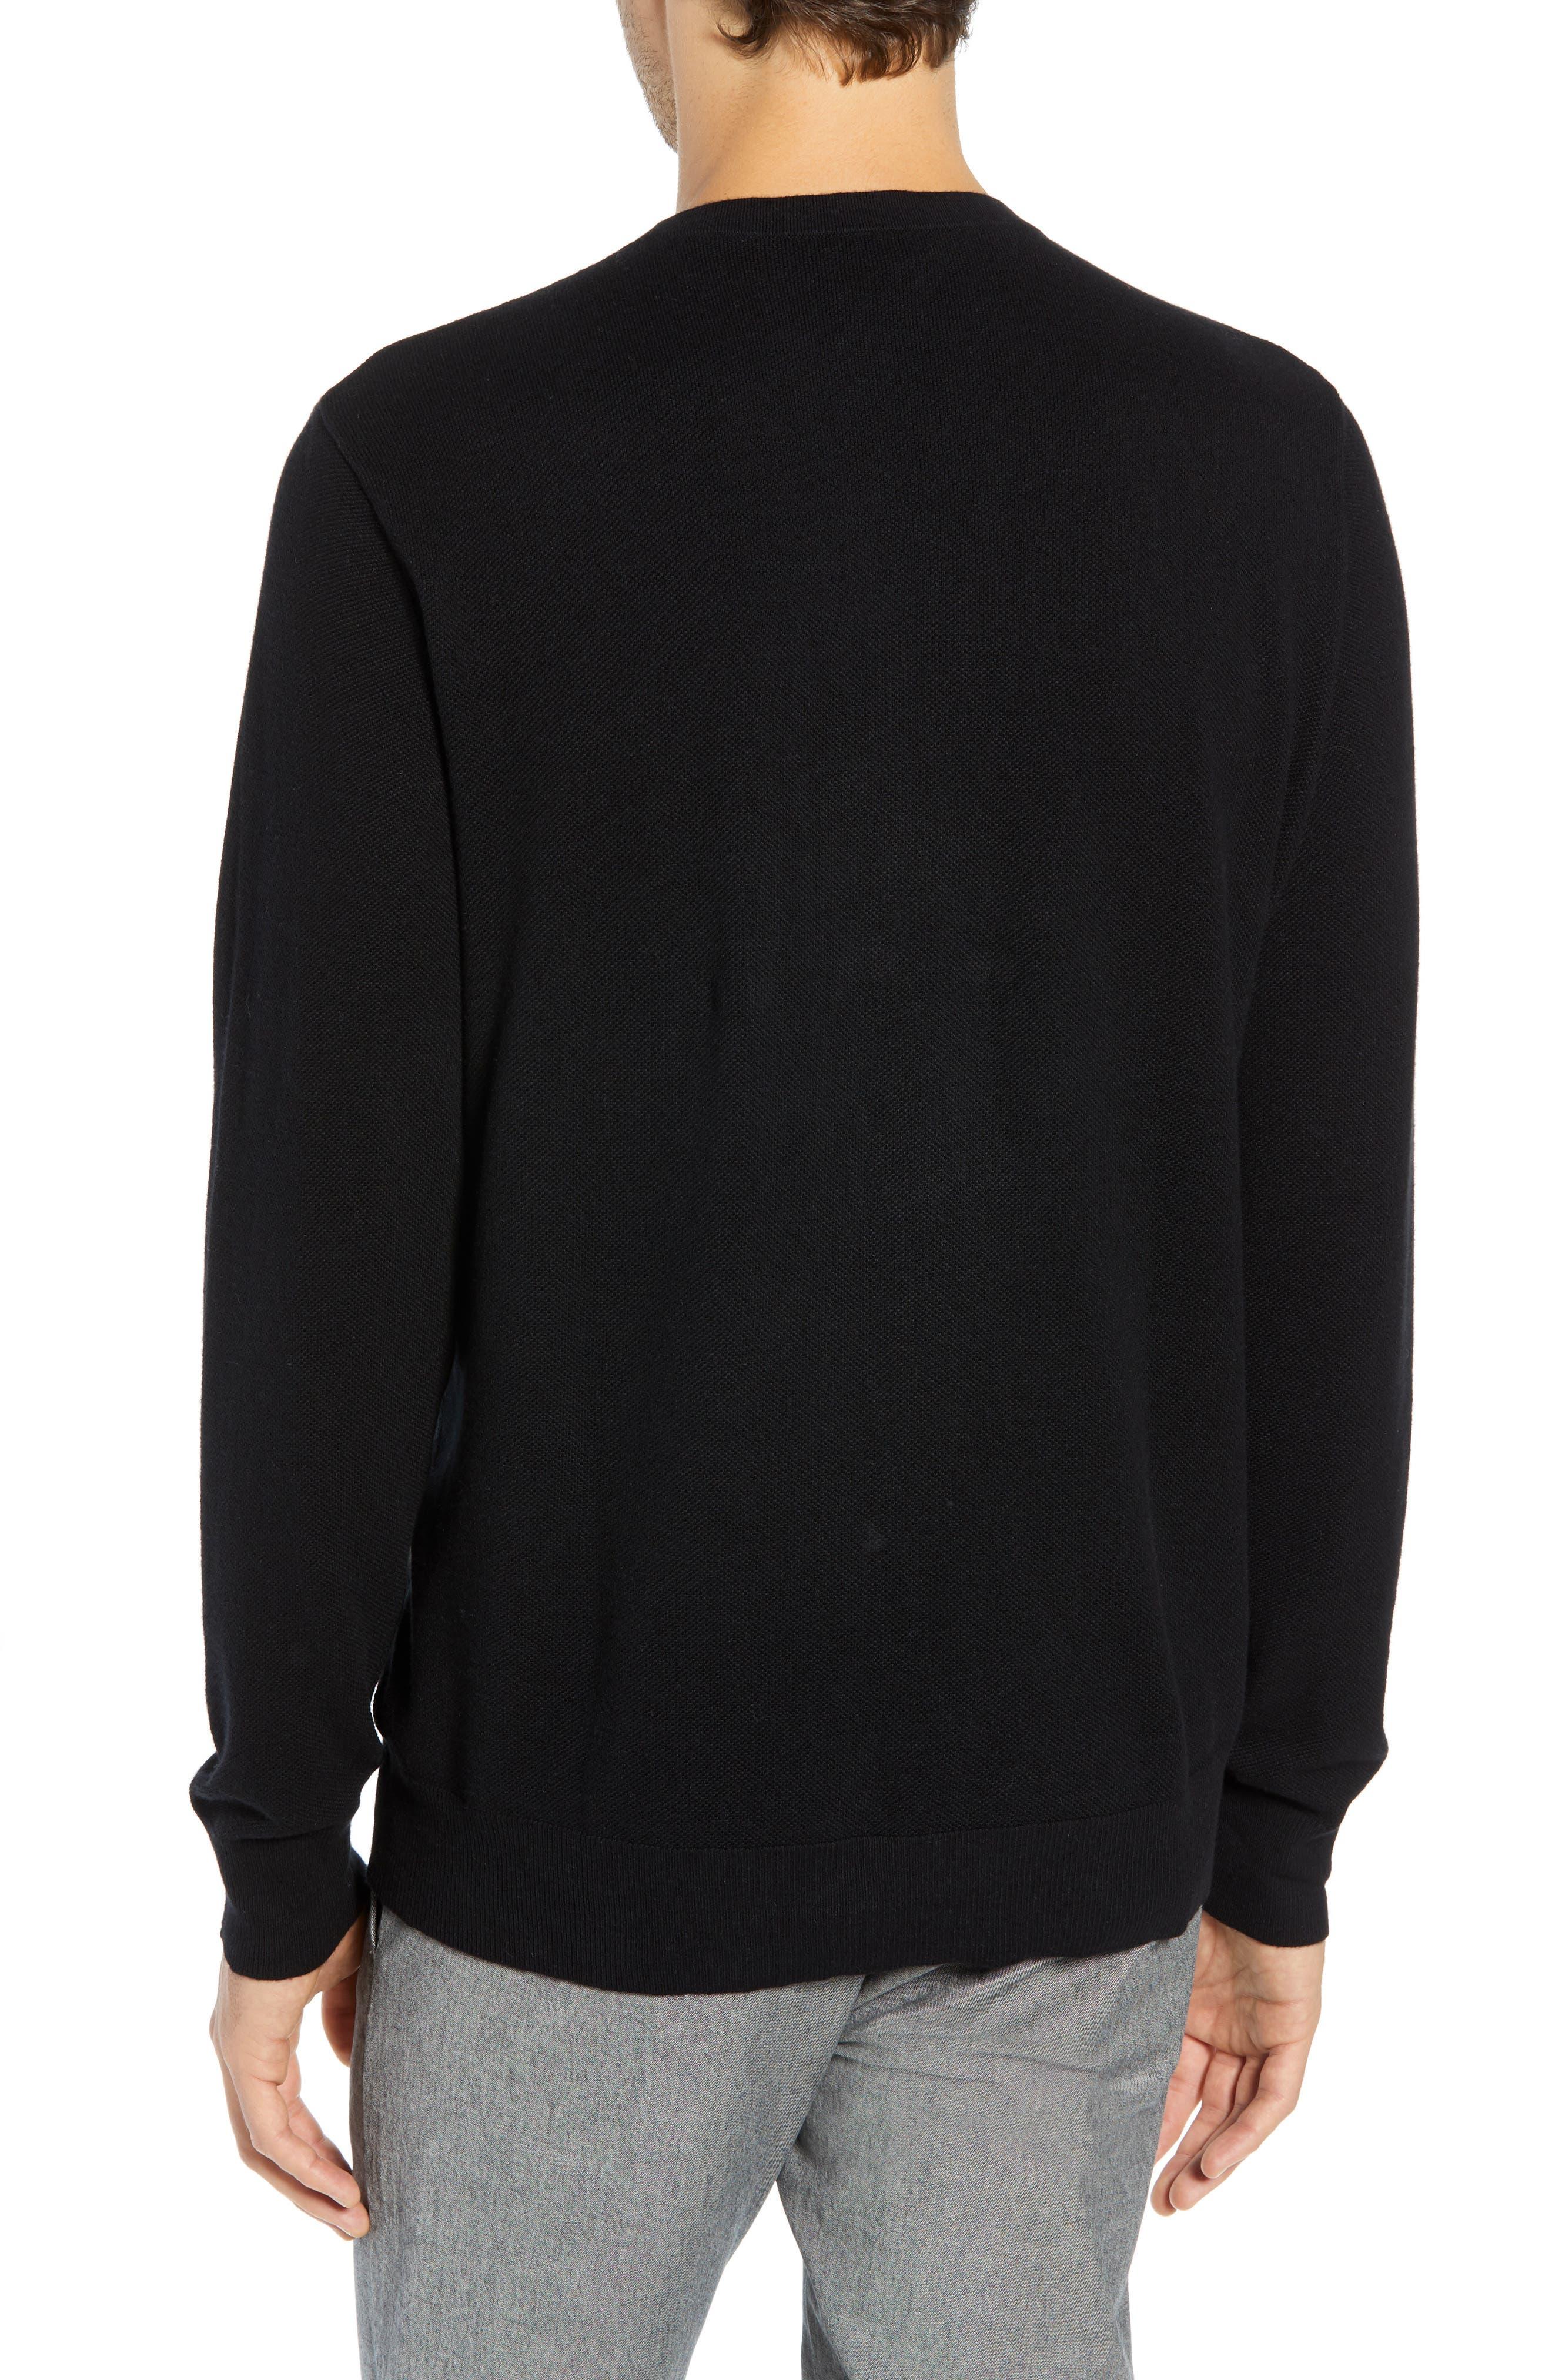 Cotton & Cashmere Piqué Crewneck Sweater,                             Alternate thumbnail 2, color,                             001